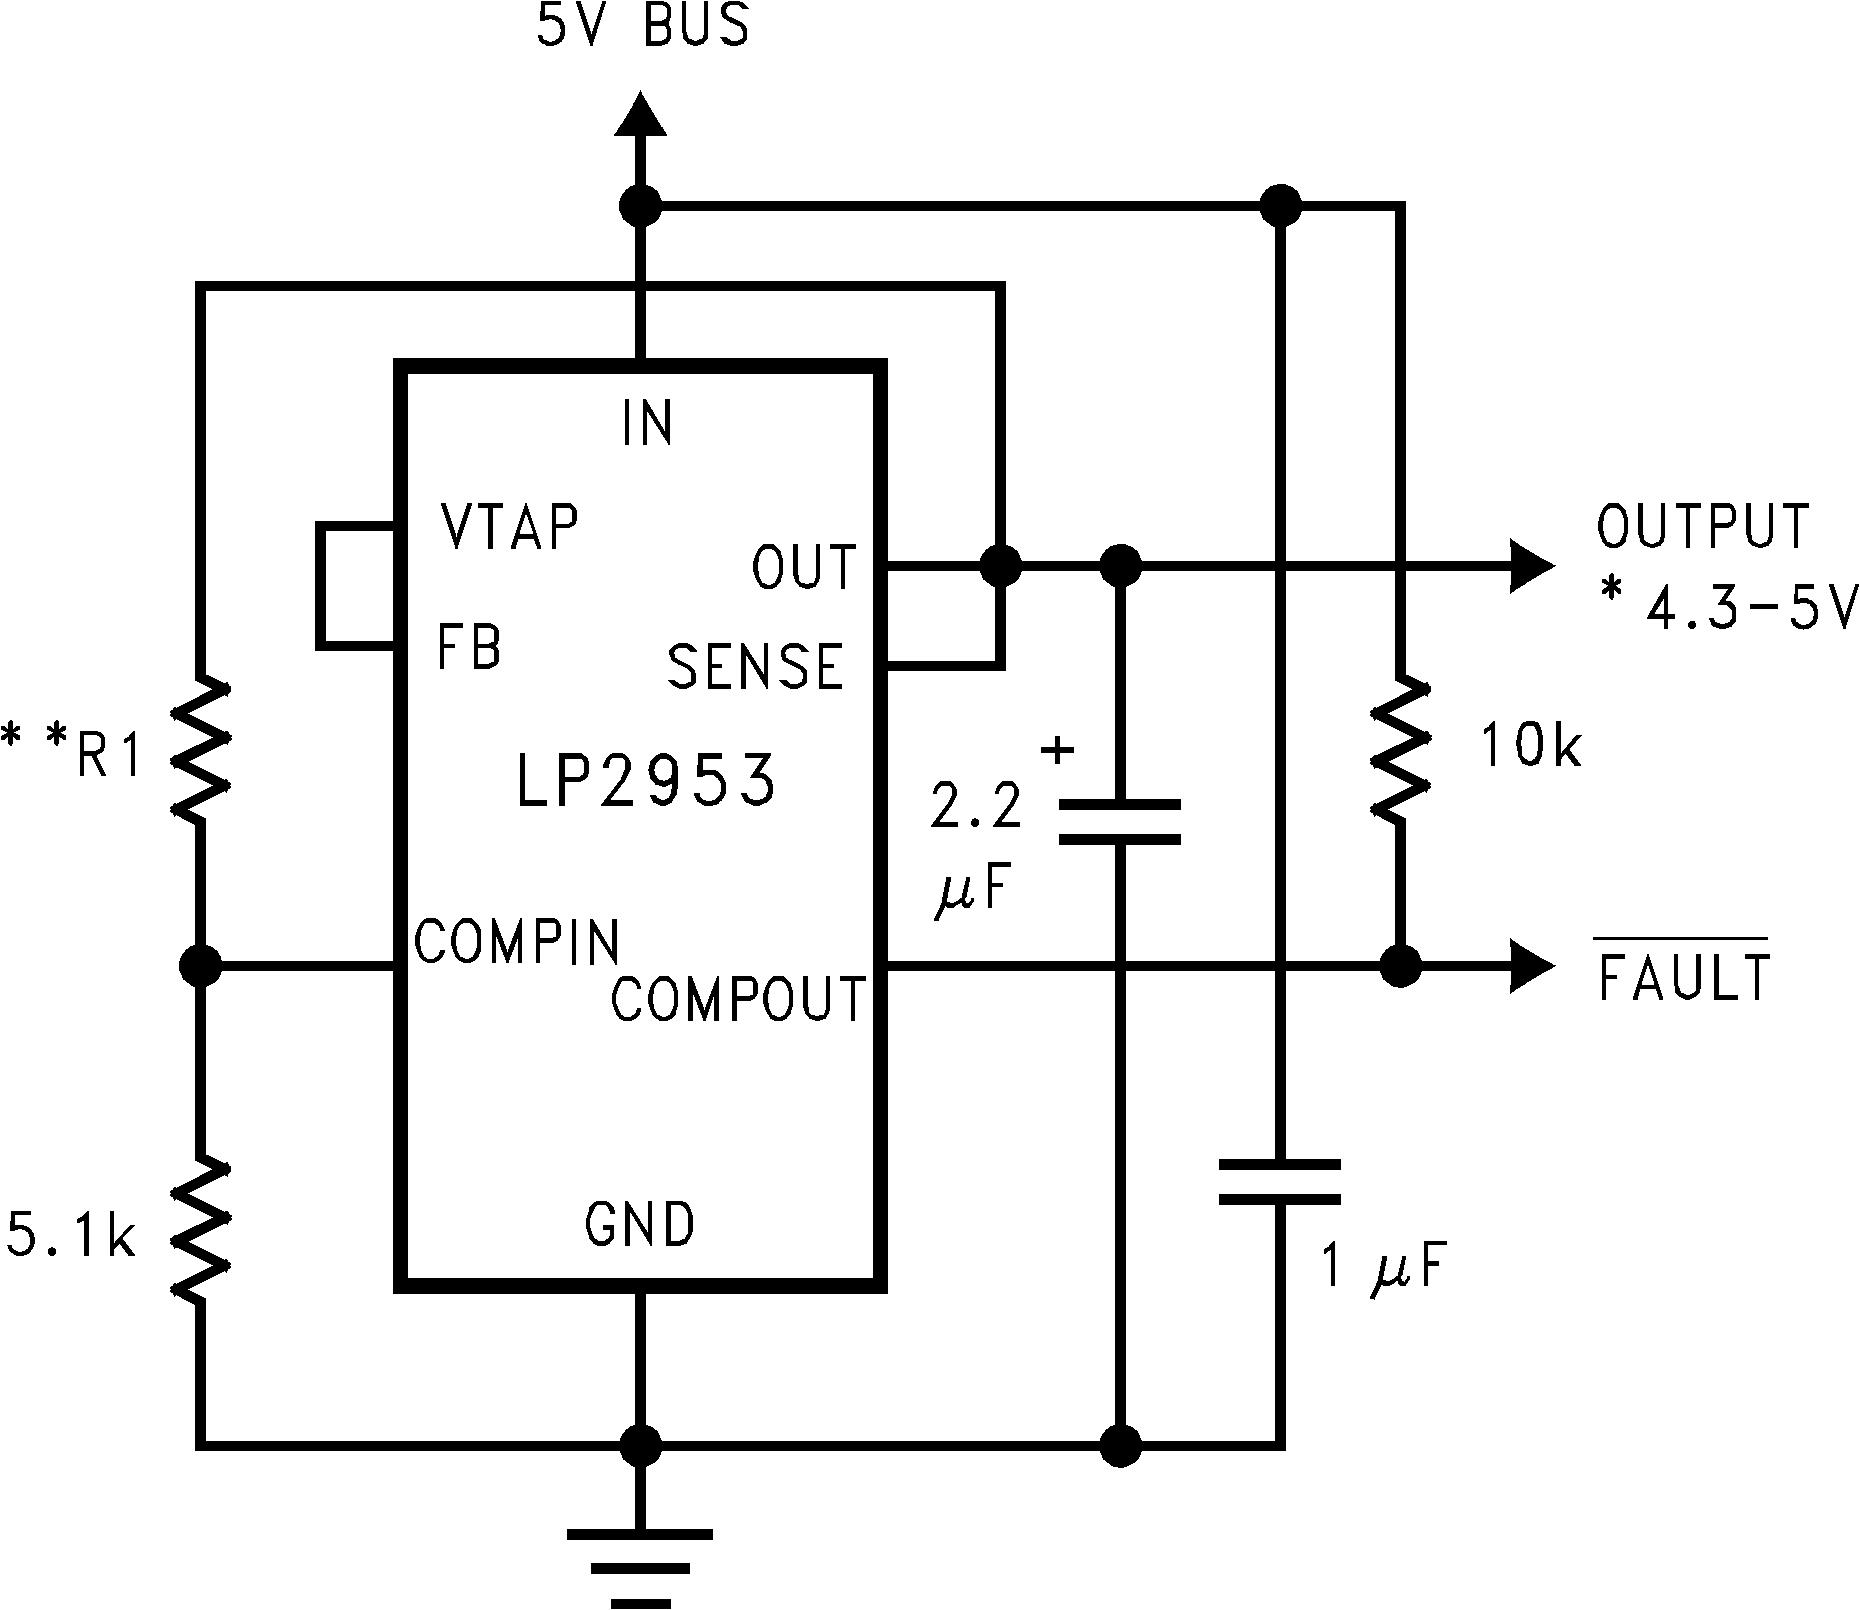 Lp2953 Load Circuit Lp2952 N Lp2952a Lp2953a 01112716